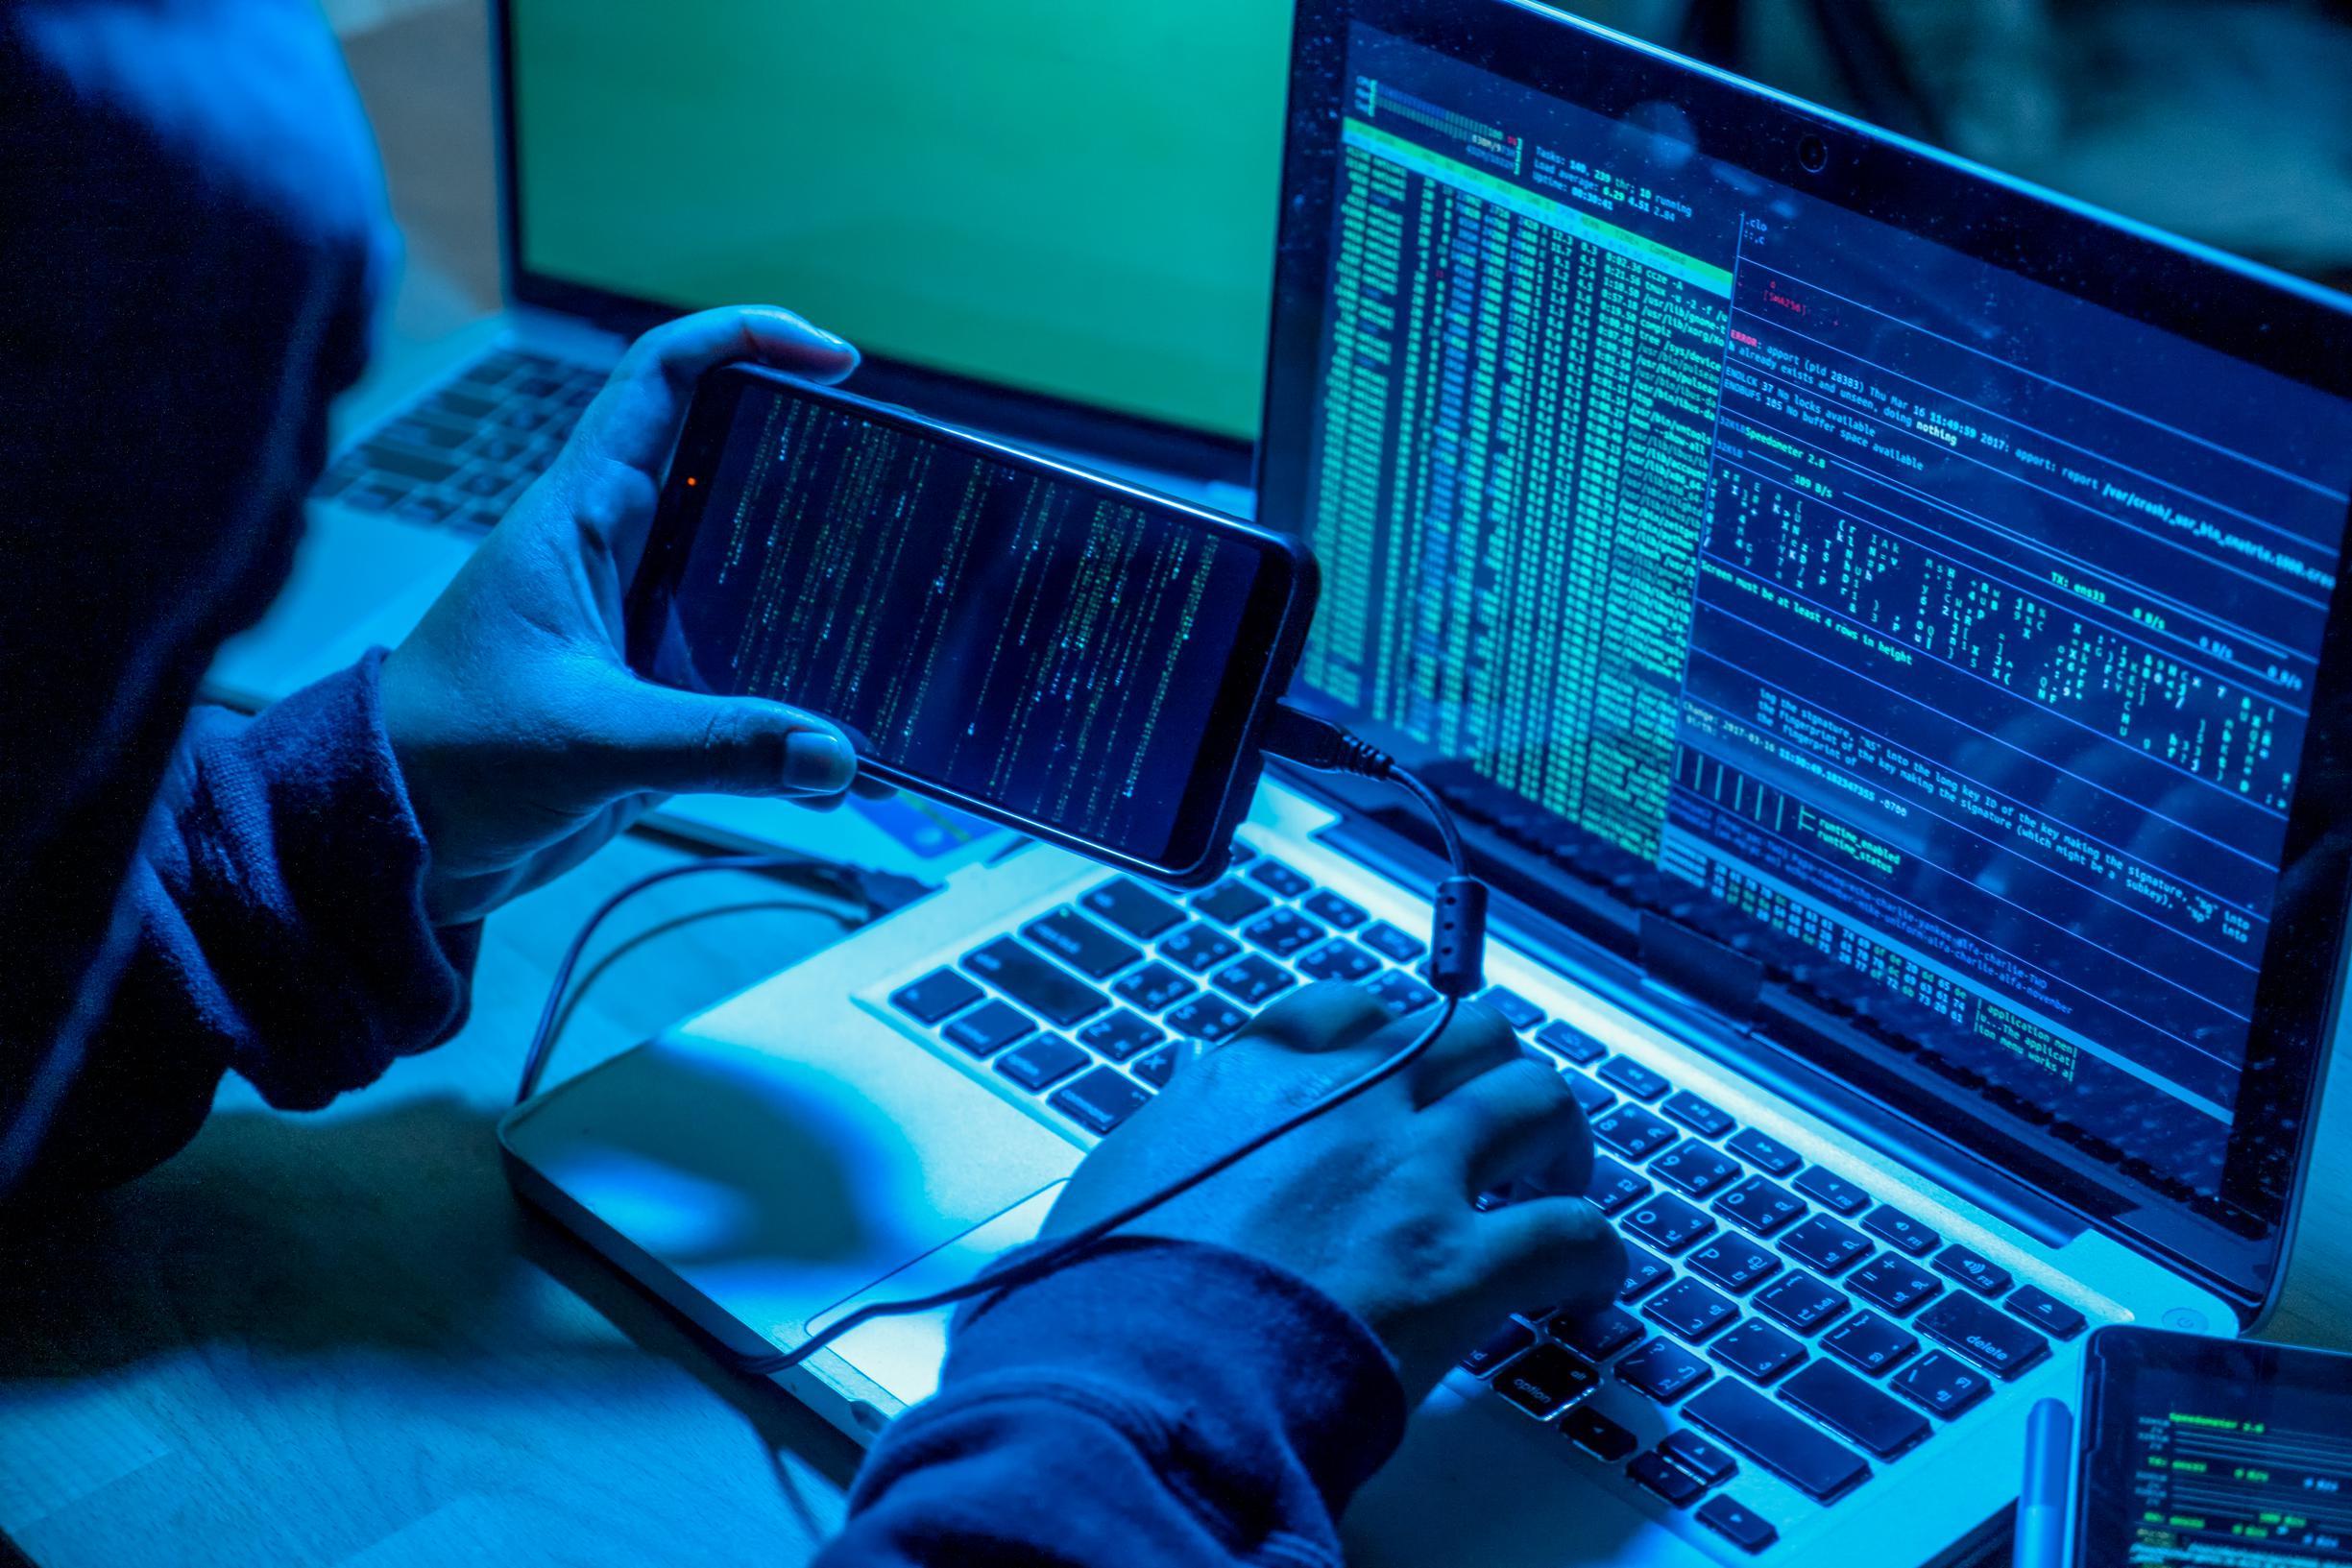 Hacker with computers in dark room